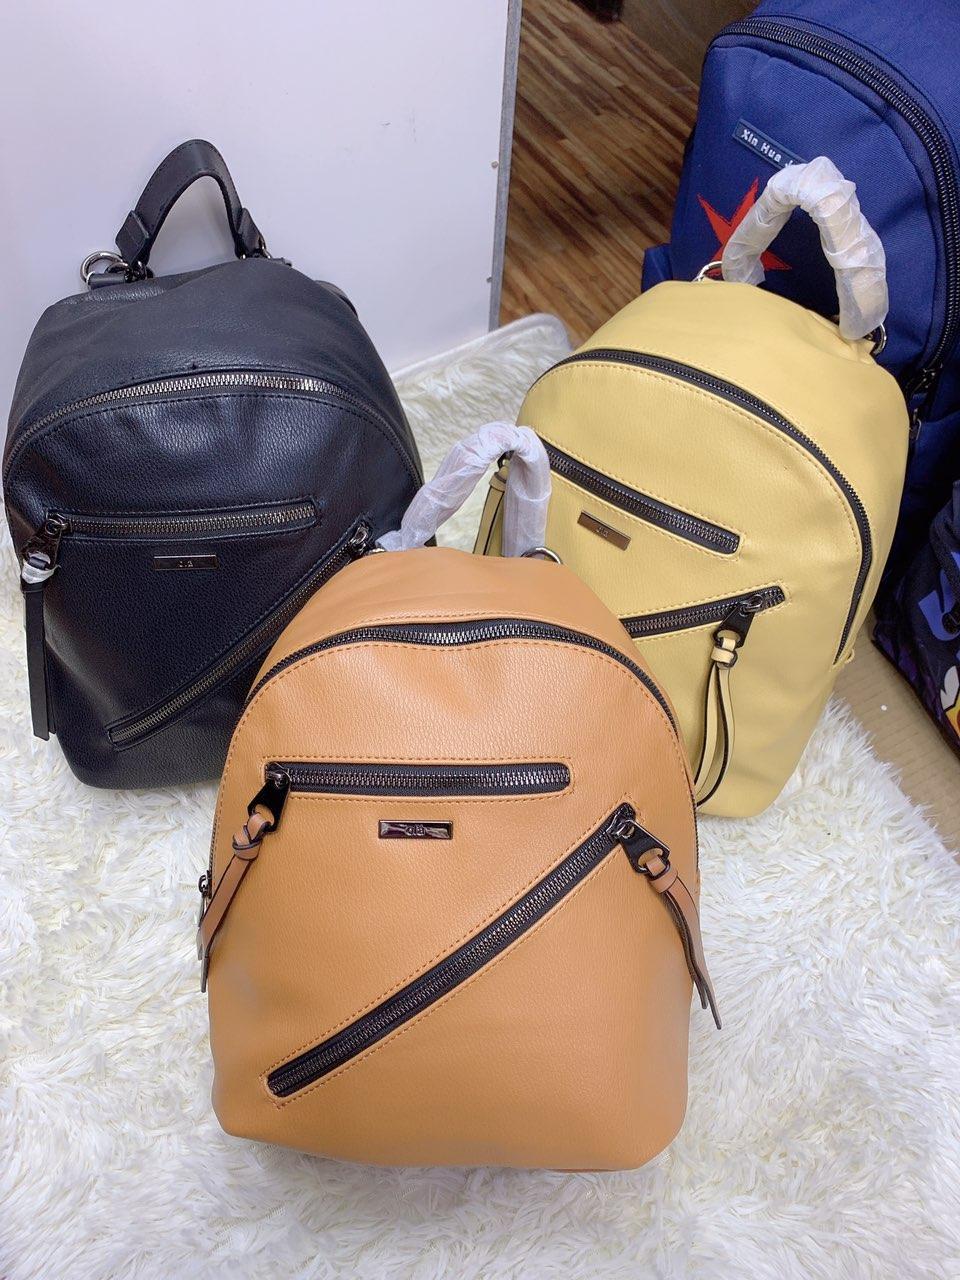 Рюкзак жіночий стильний міський штучна шкіра в різних кольорах Mark